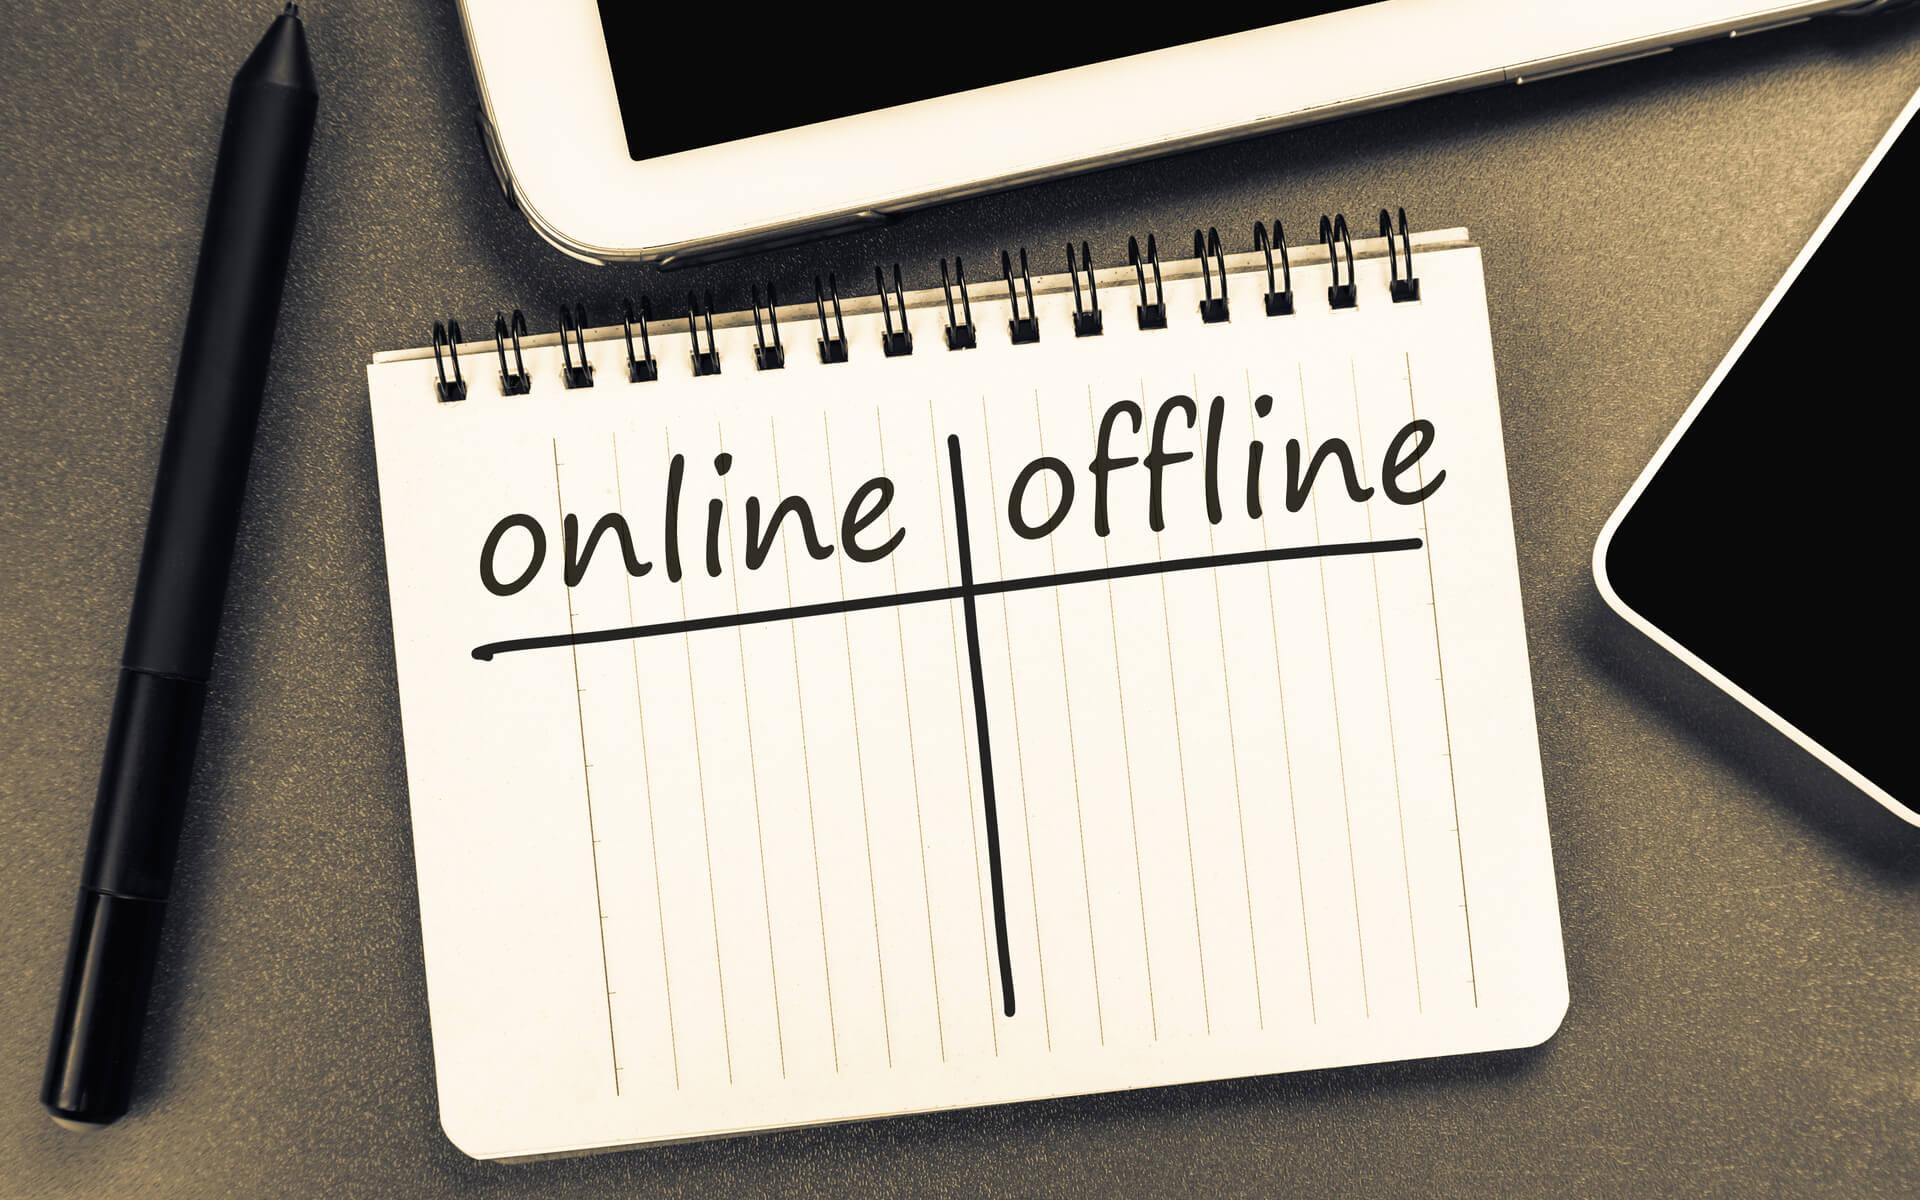 e-commerce-online-offline-mobile-w1920h1200